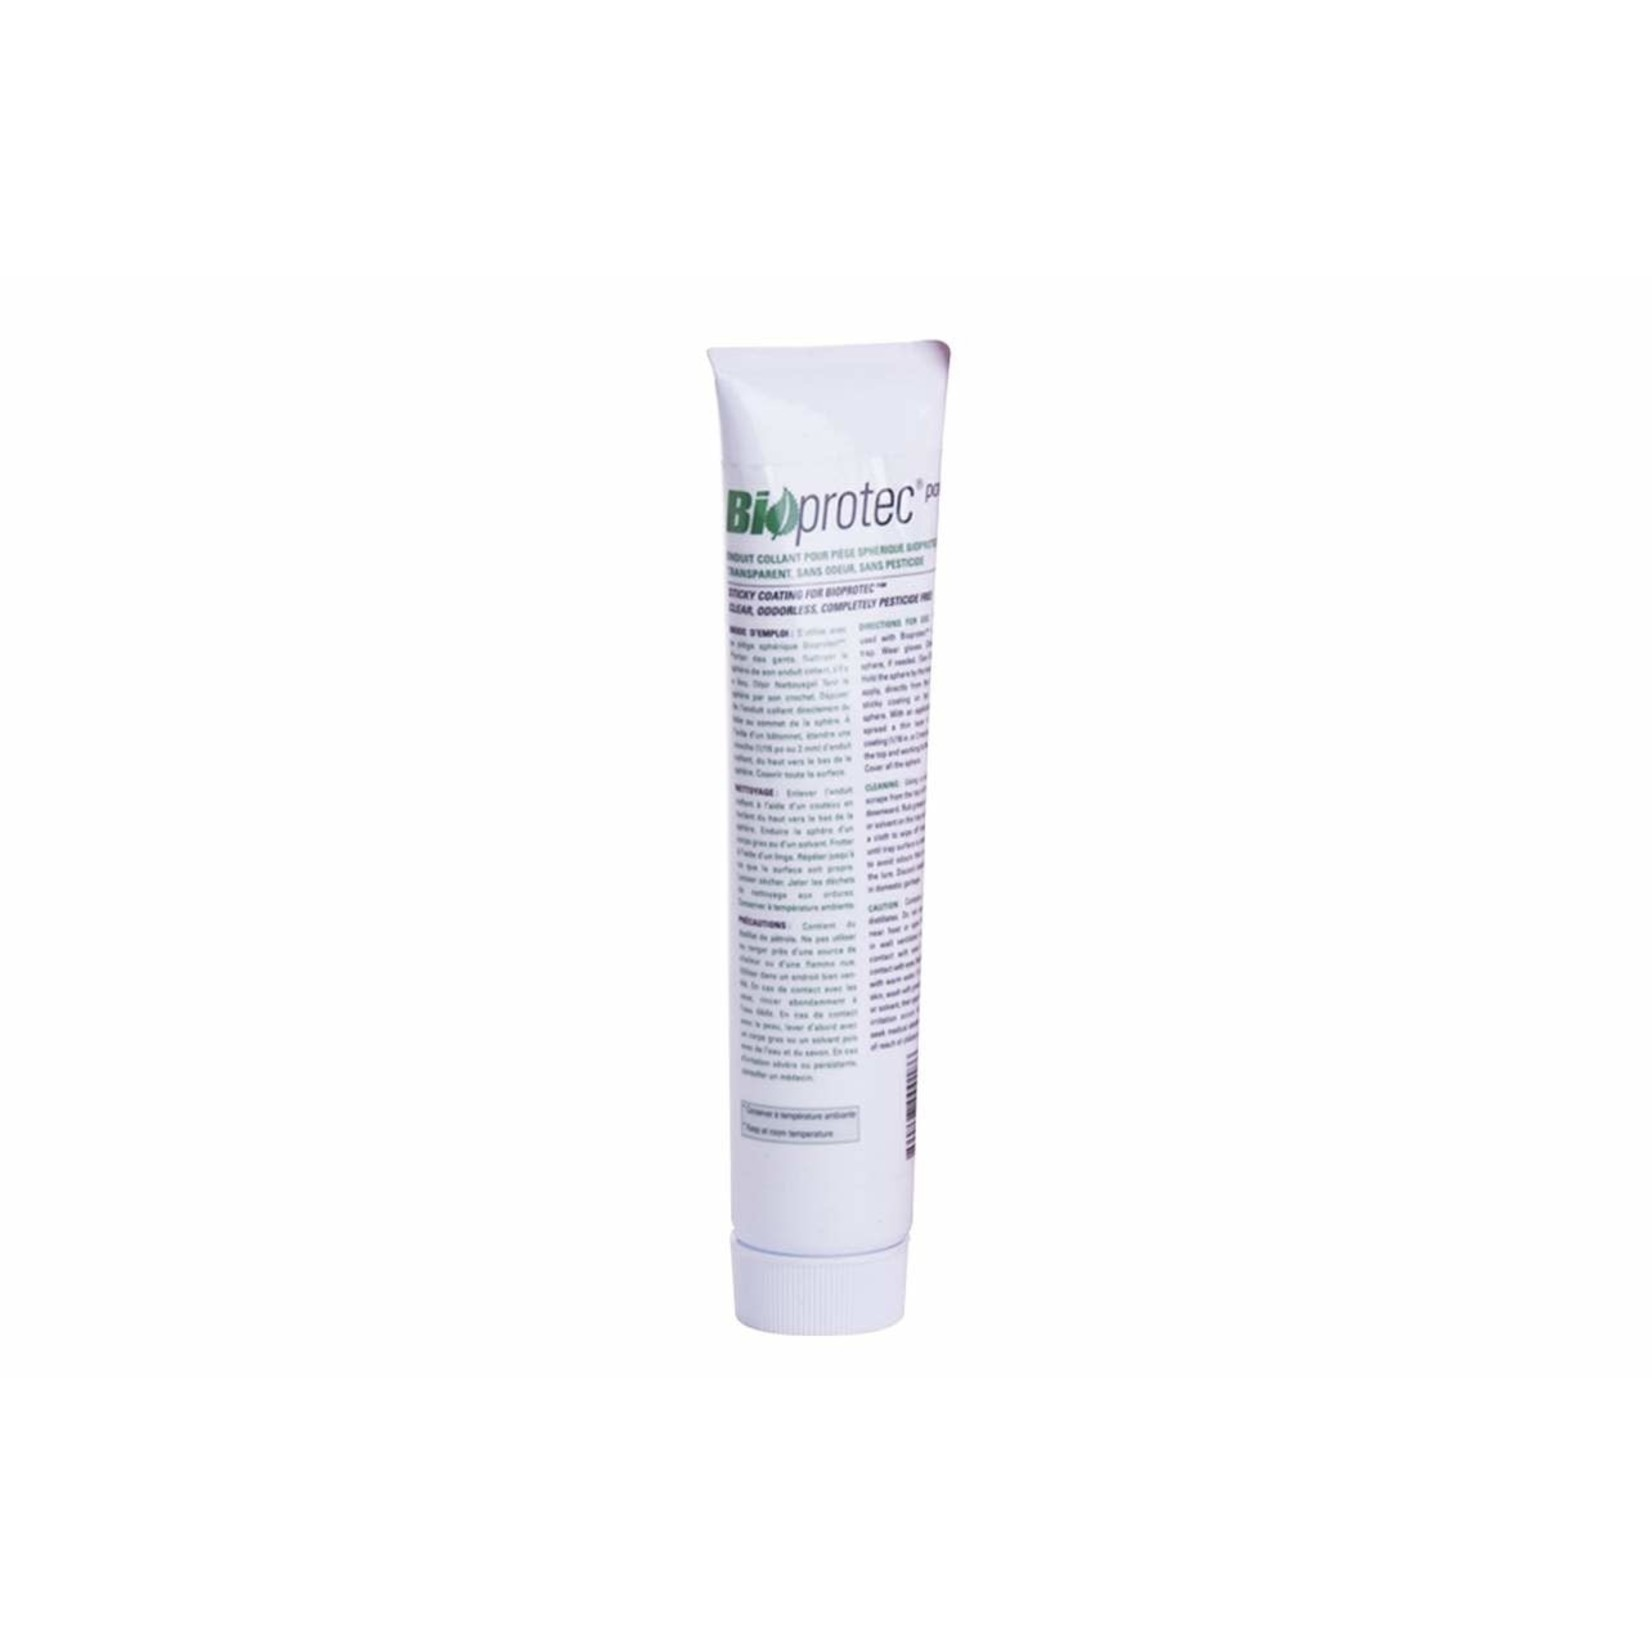 Bio Protec Glue